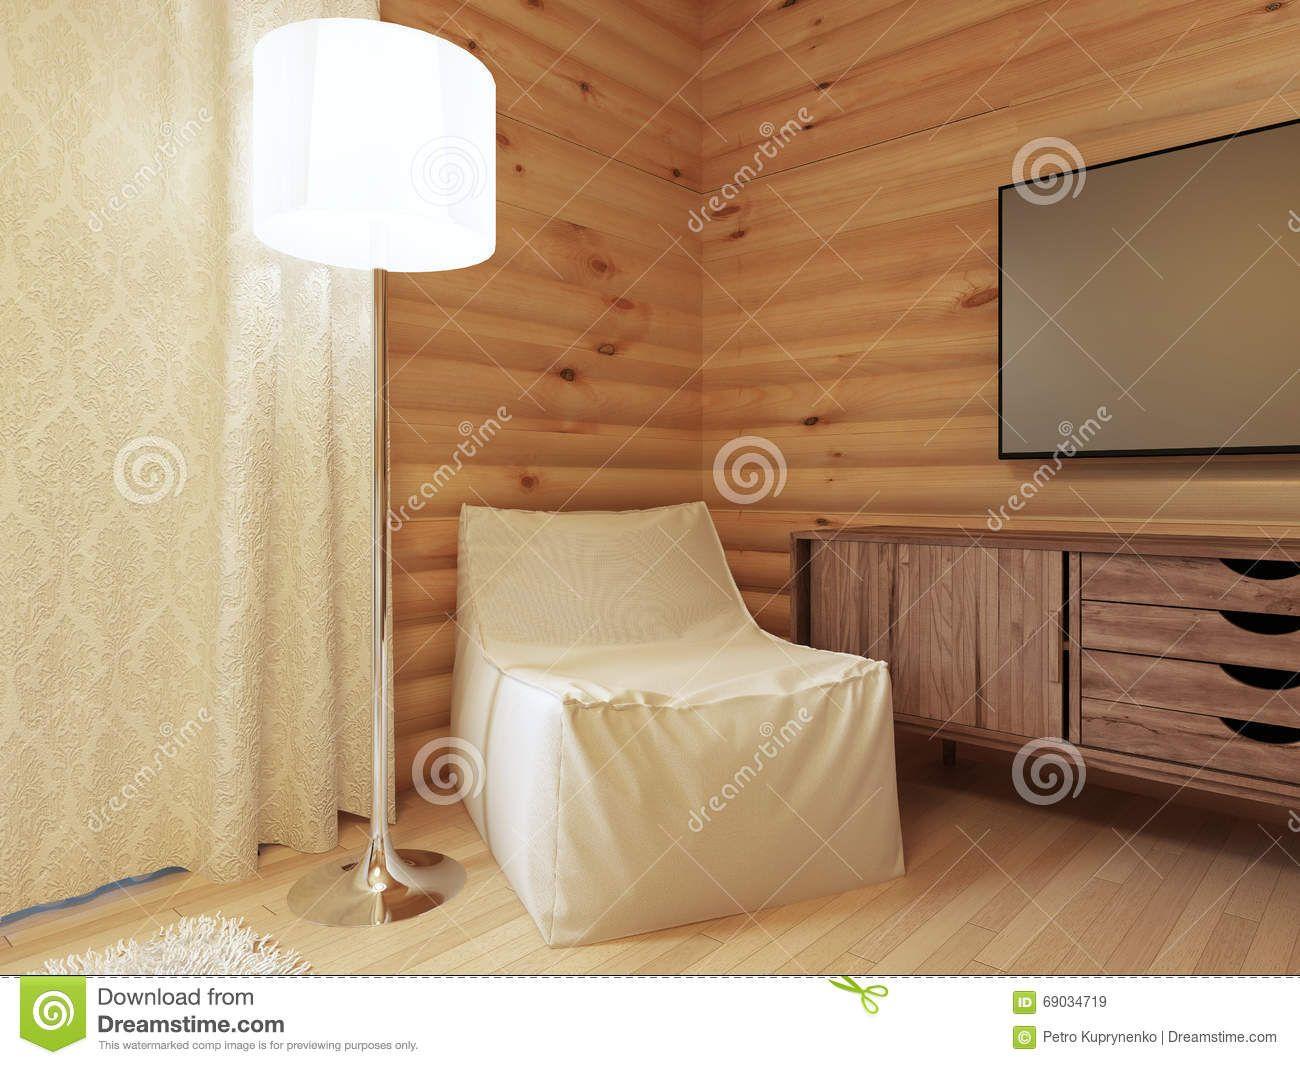 beau fauteuil tv confortable Décoration fran§aise